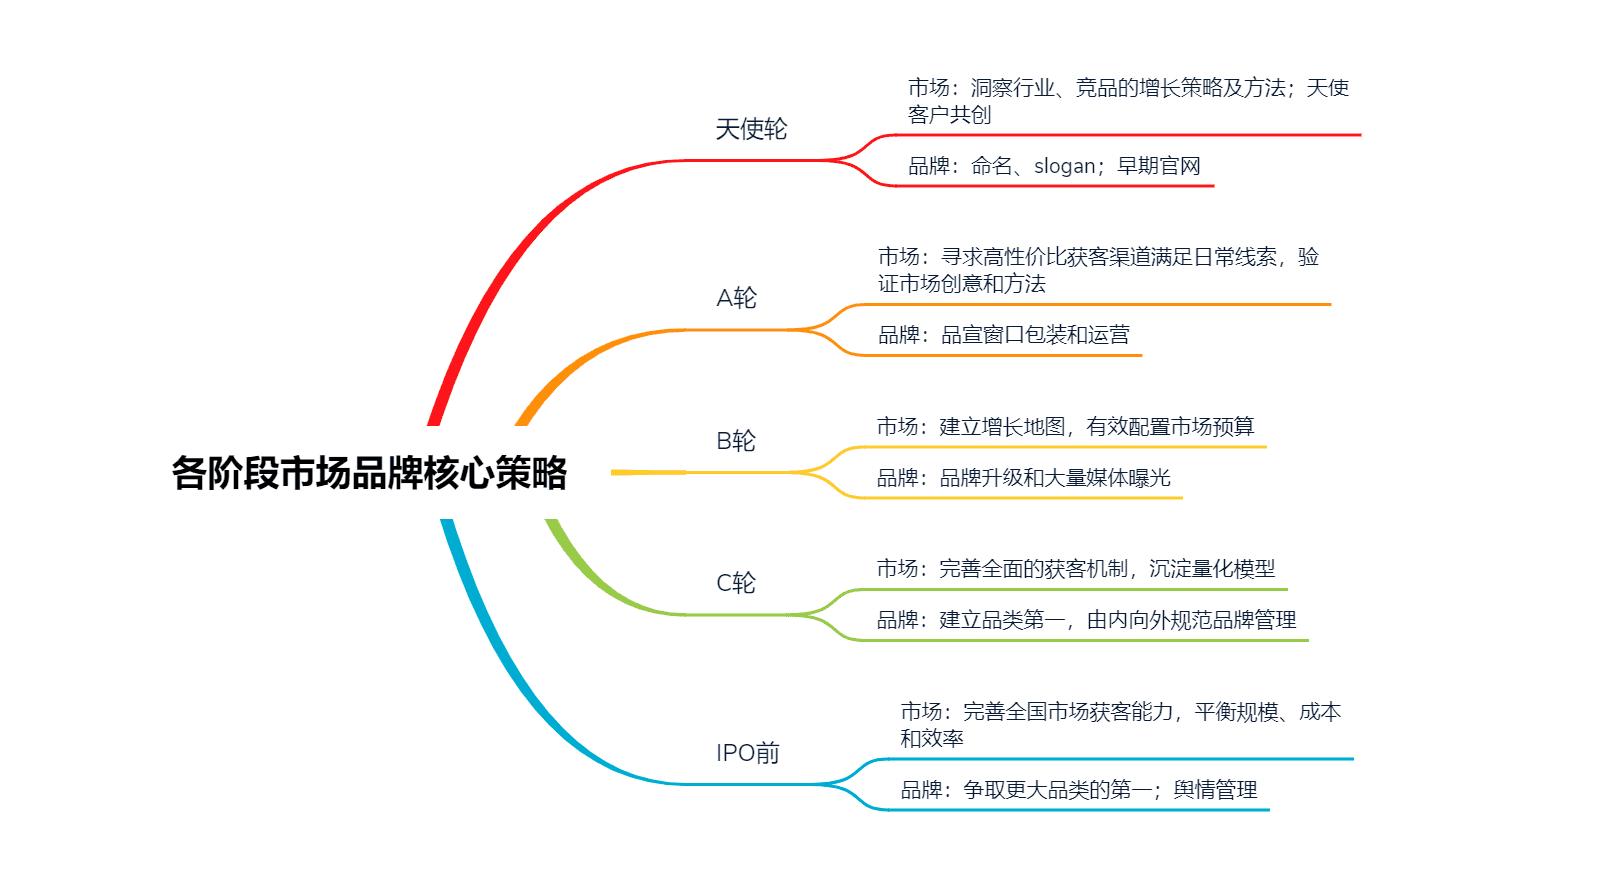 沈立昀:To B市场总监的IPO之路|To B CGO